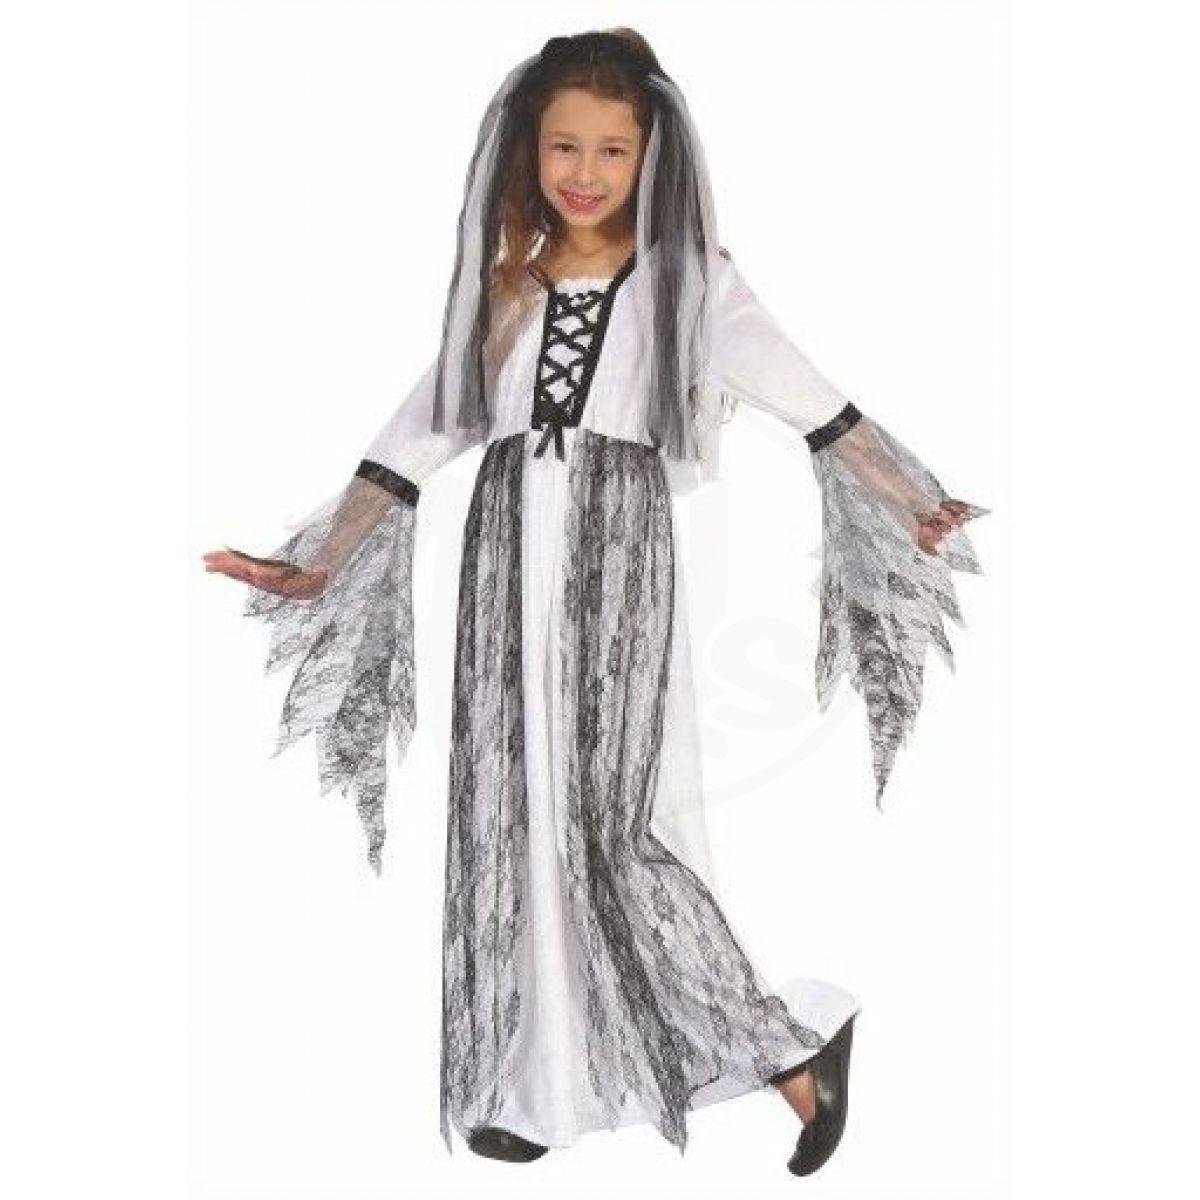 bdc0987fddc2 Made Dětský kostým Polednice 120-130 cm